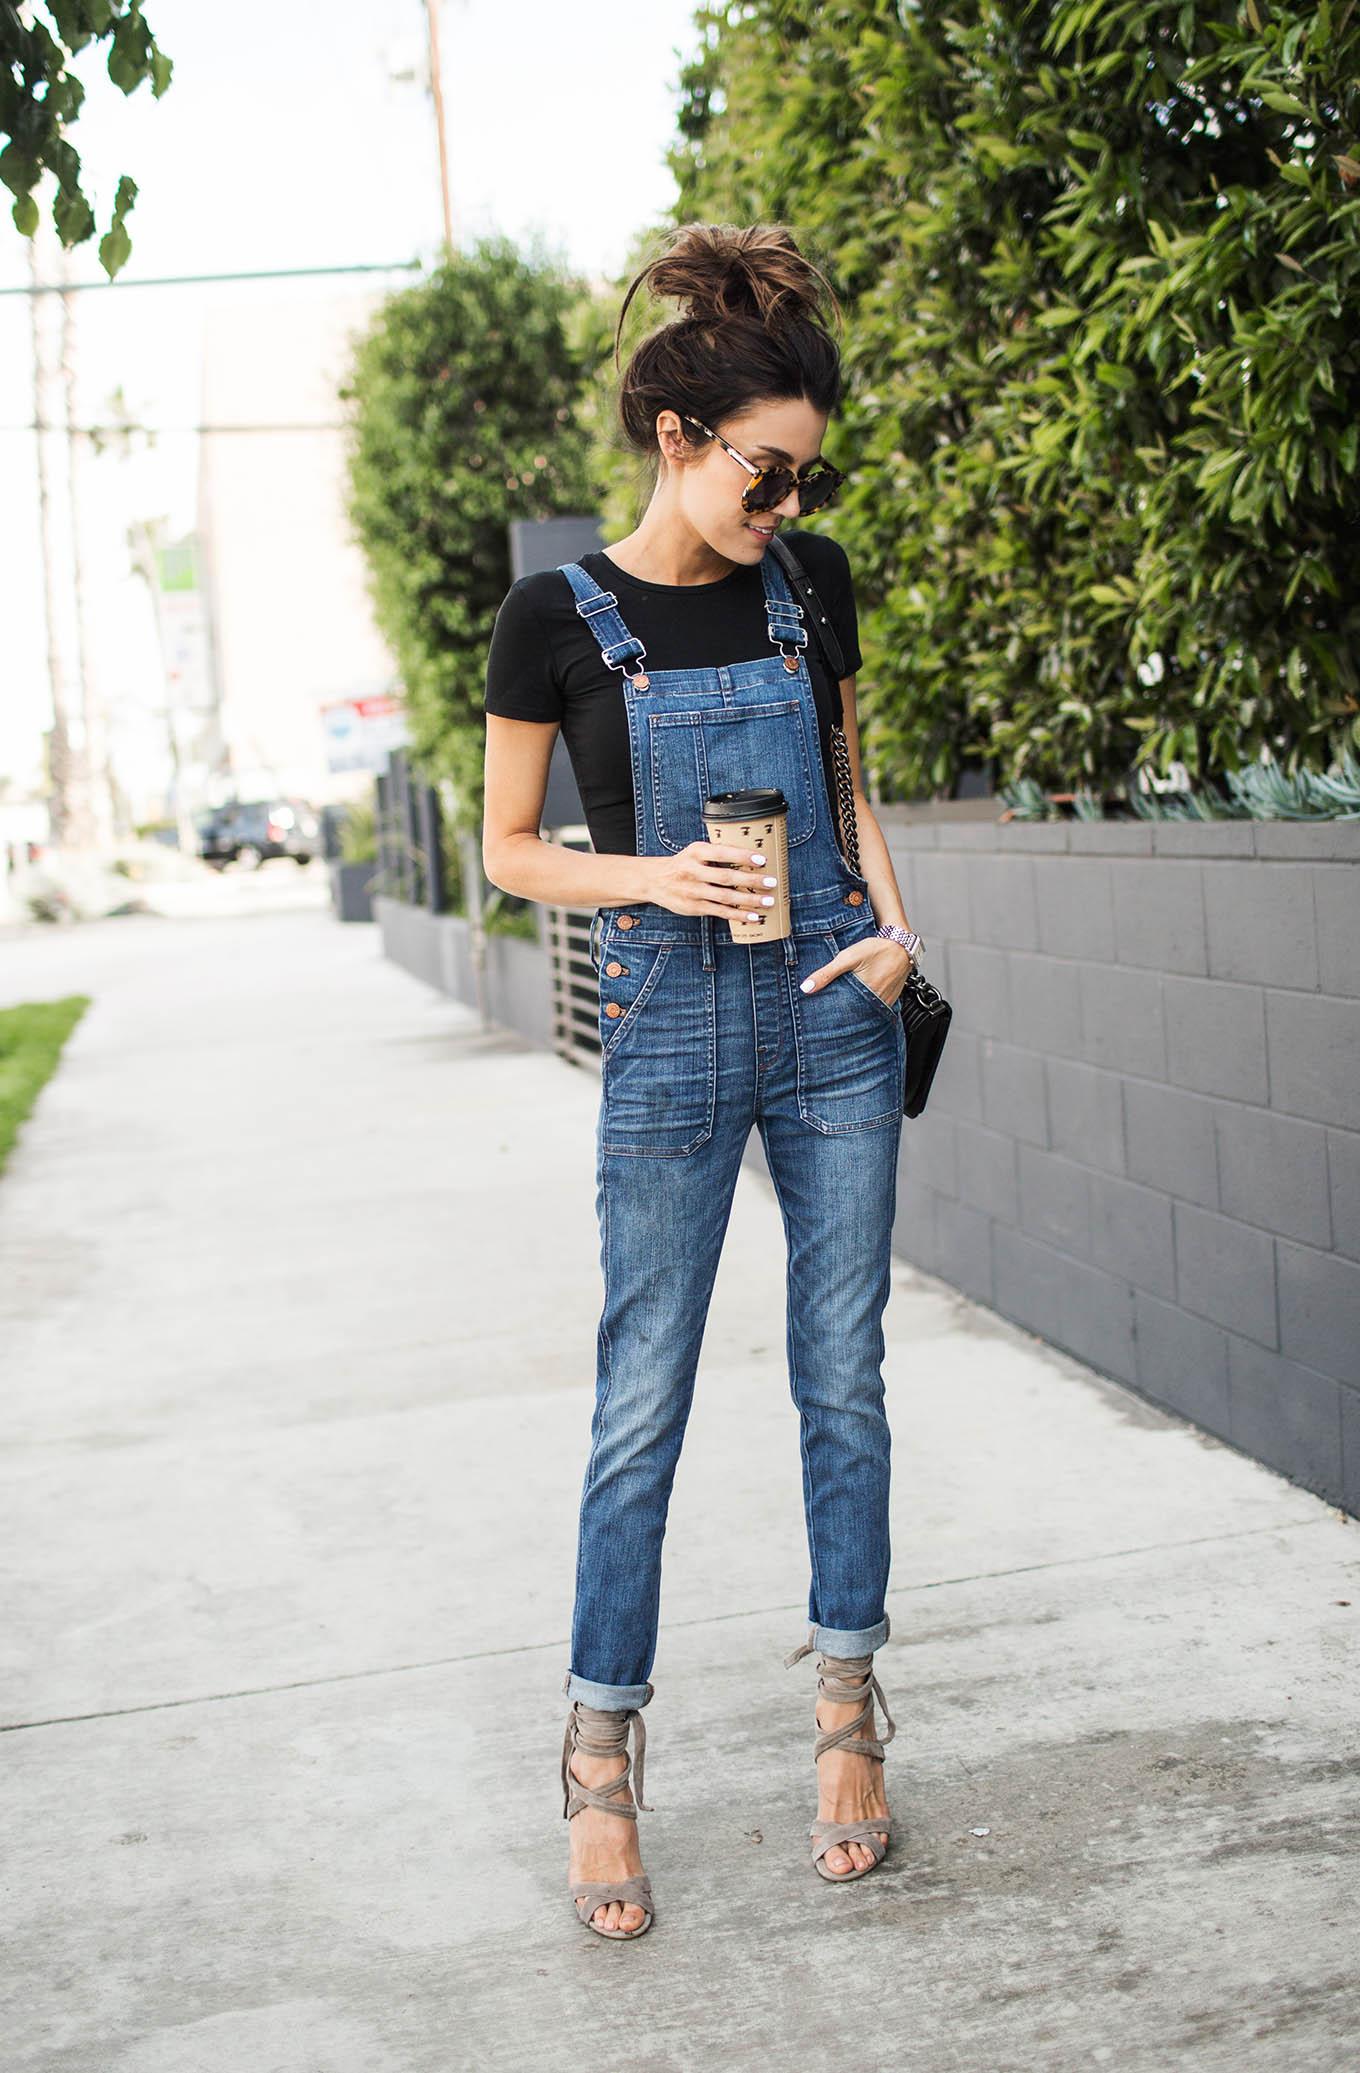 Spring Overalls - Hello Fashion